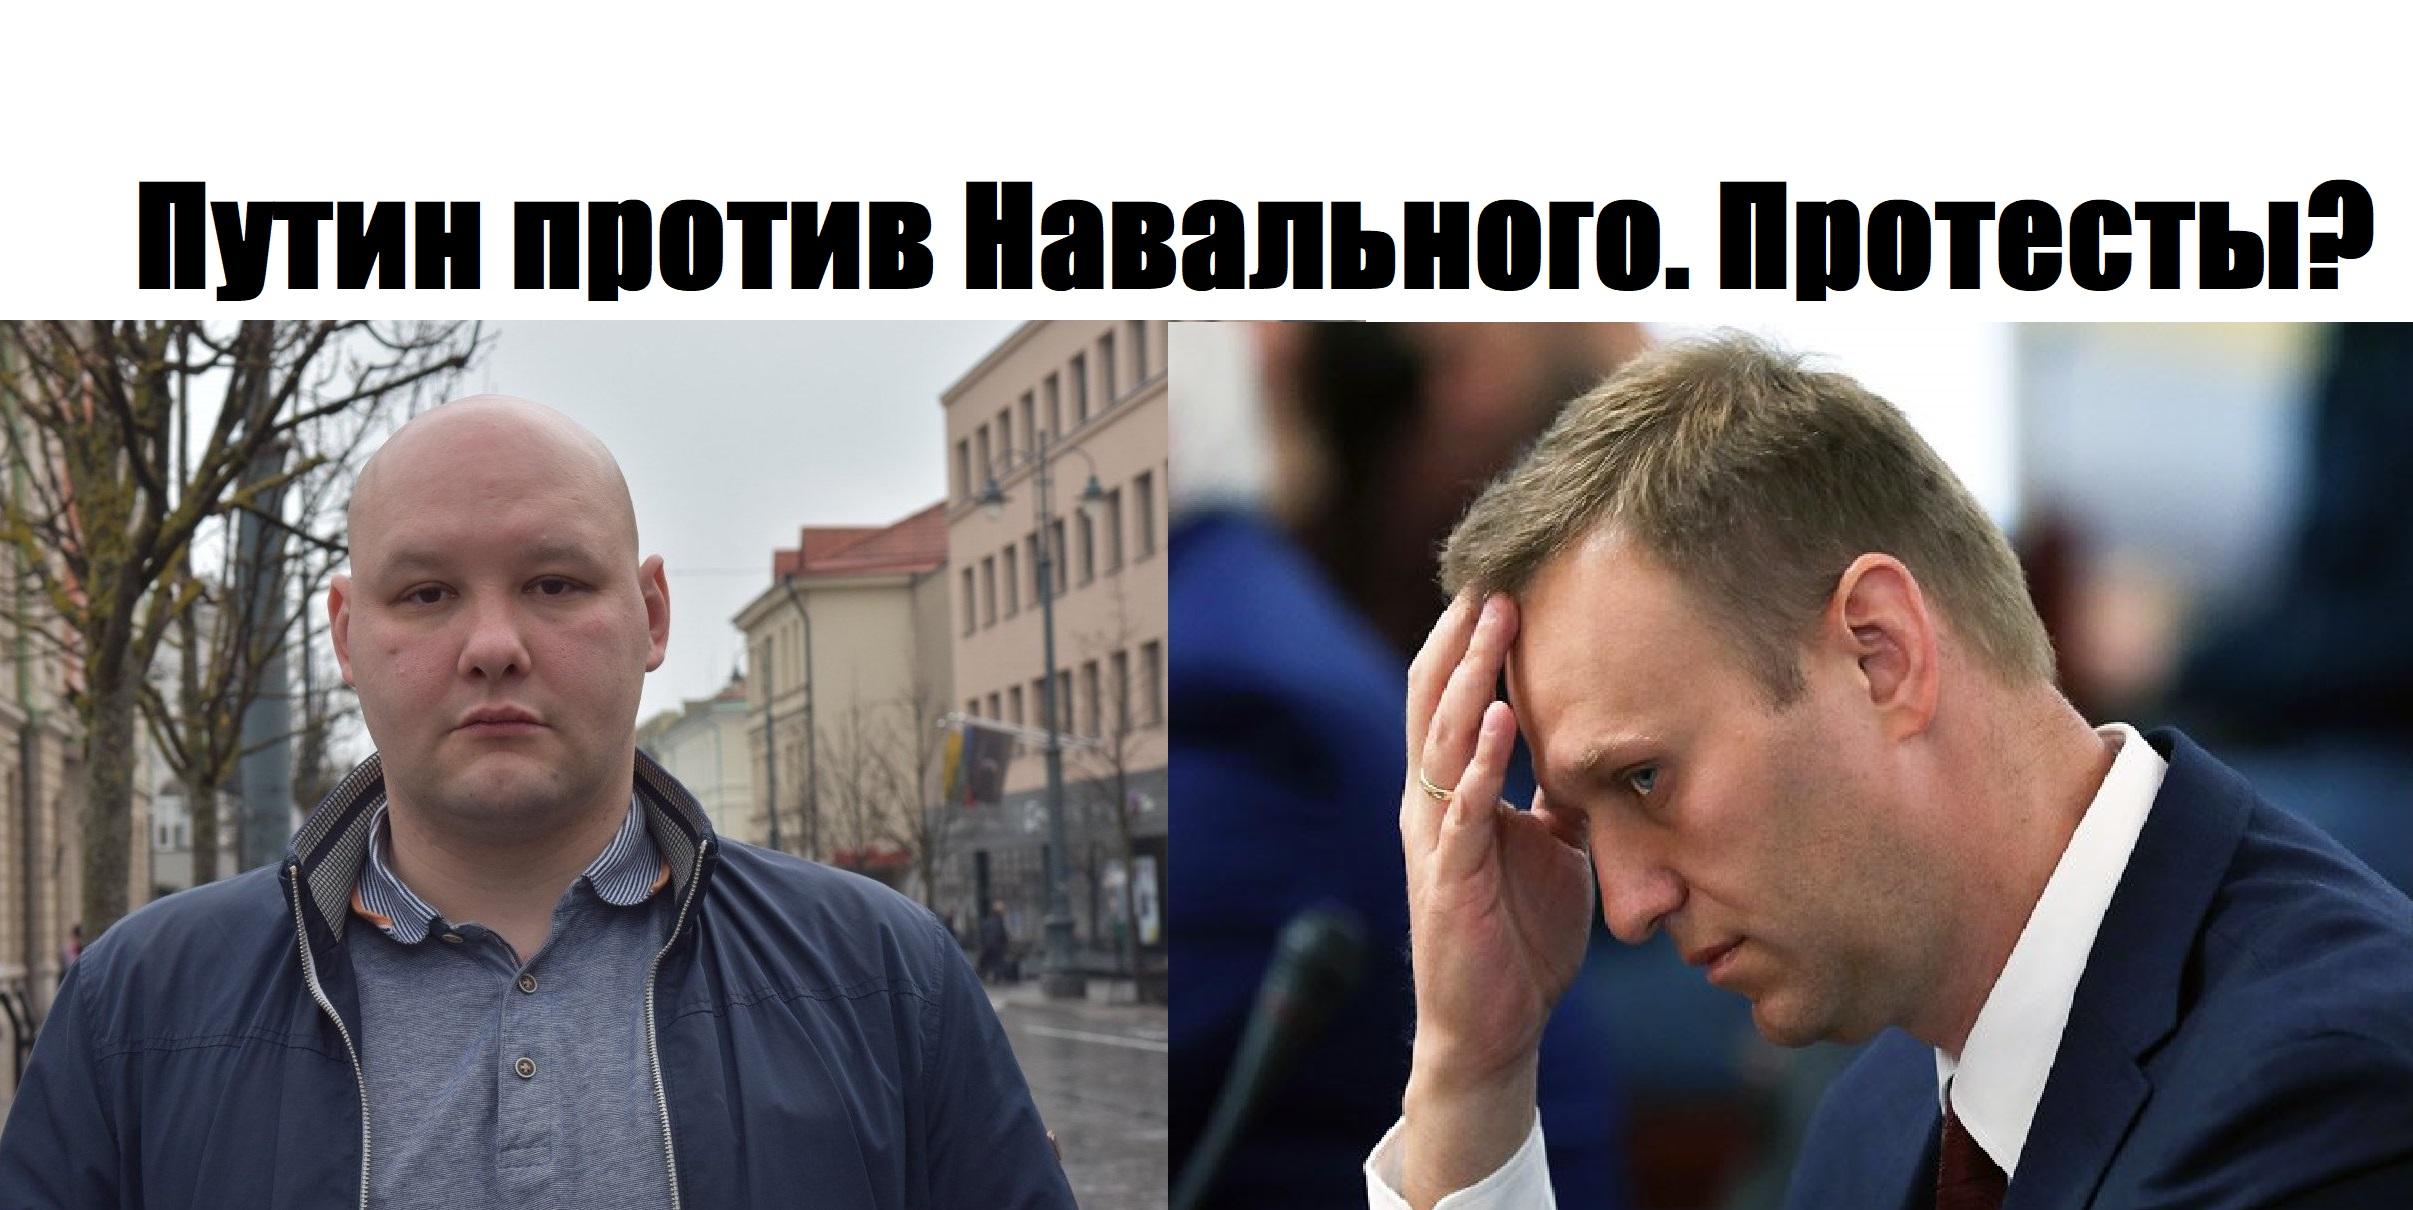 Прямой эфир со Константиновым Даниилом на Русском Интересе